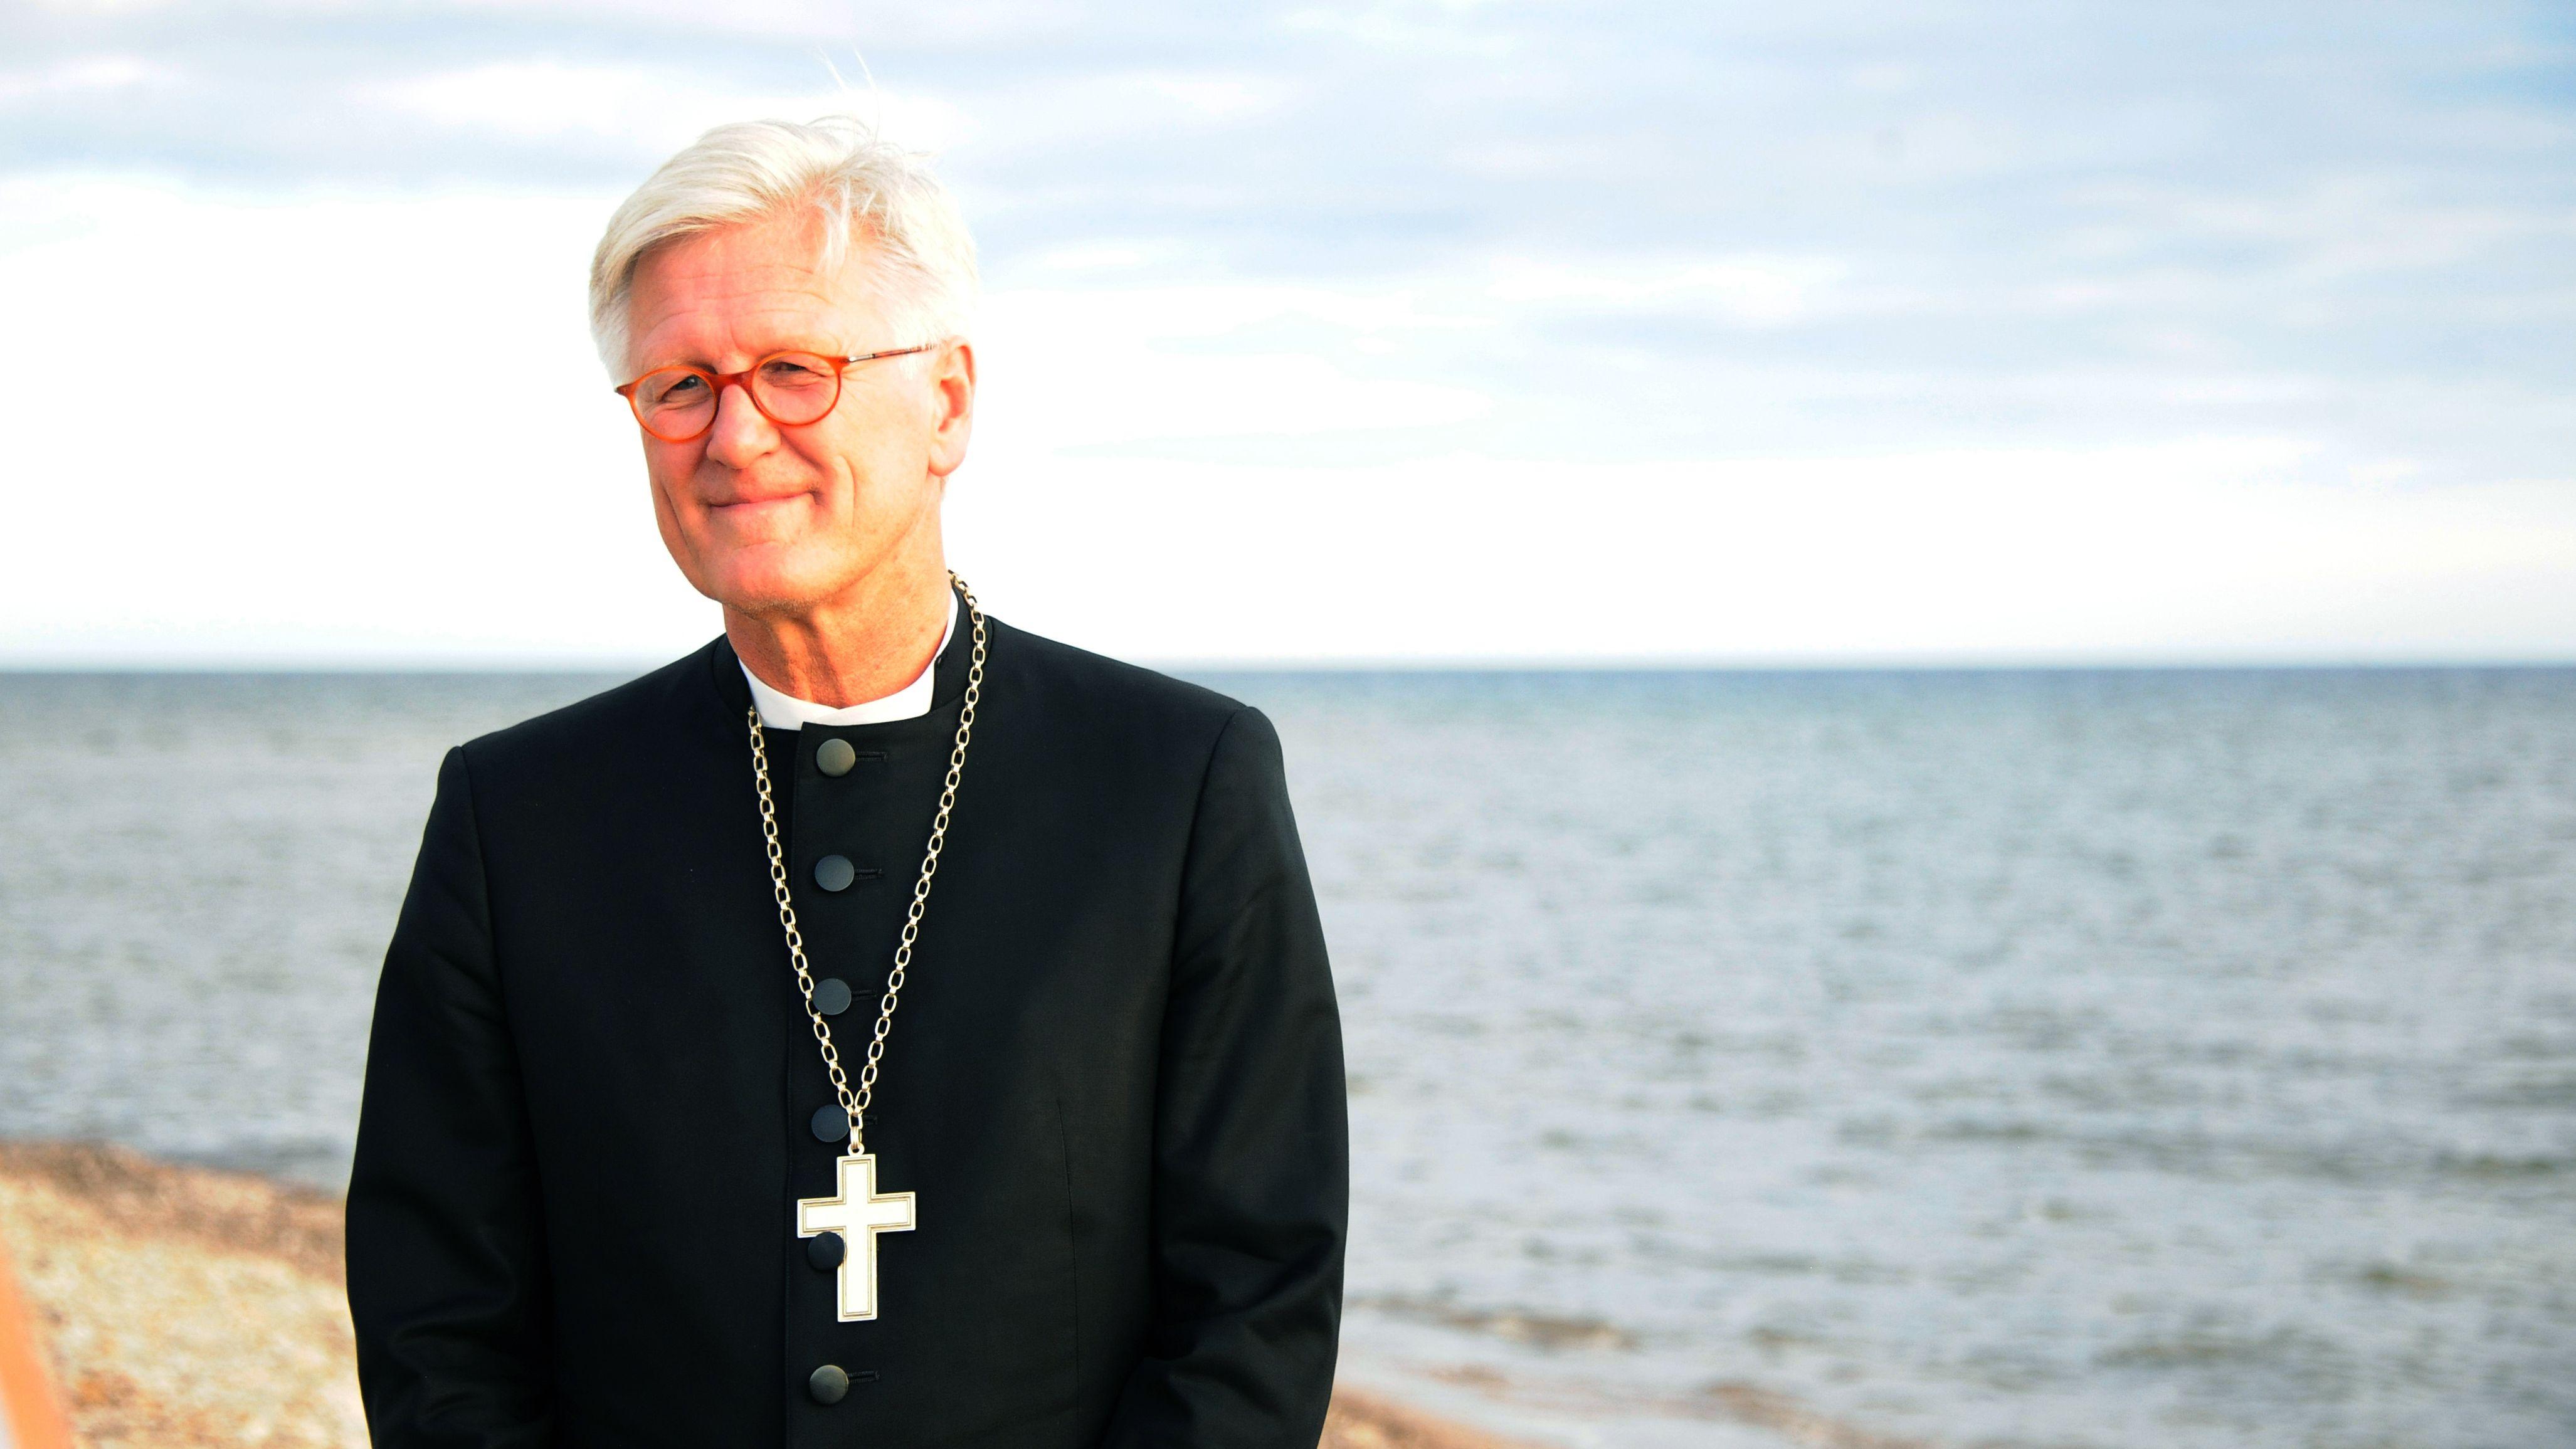 Der Vorsitzende der evangelischen Kirche in Deutschland (EKD) Heinrich Bedford-Strohm am Mittelmeer.